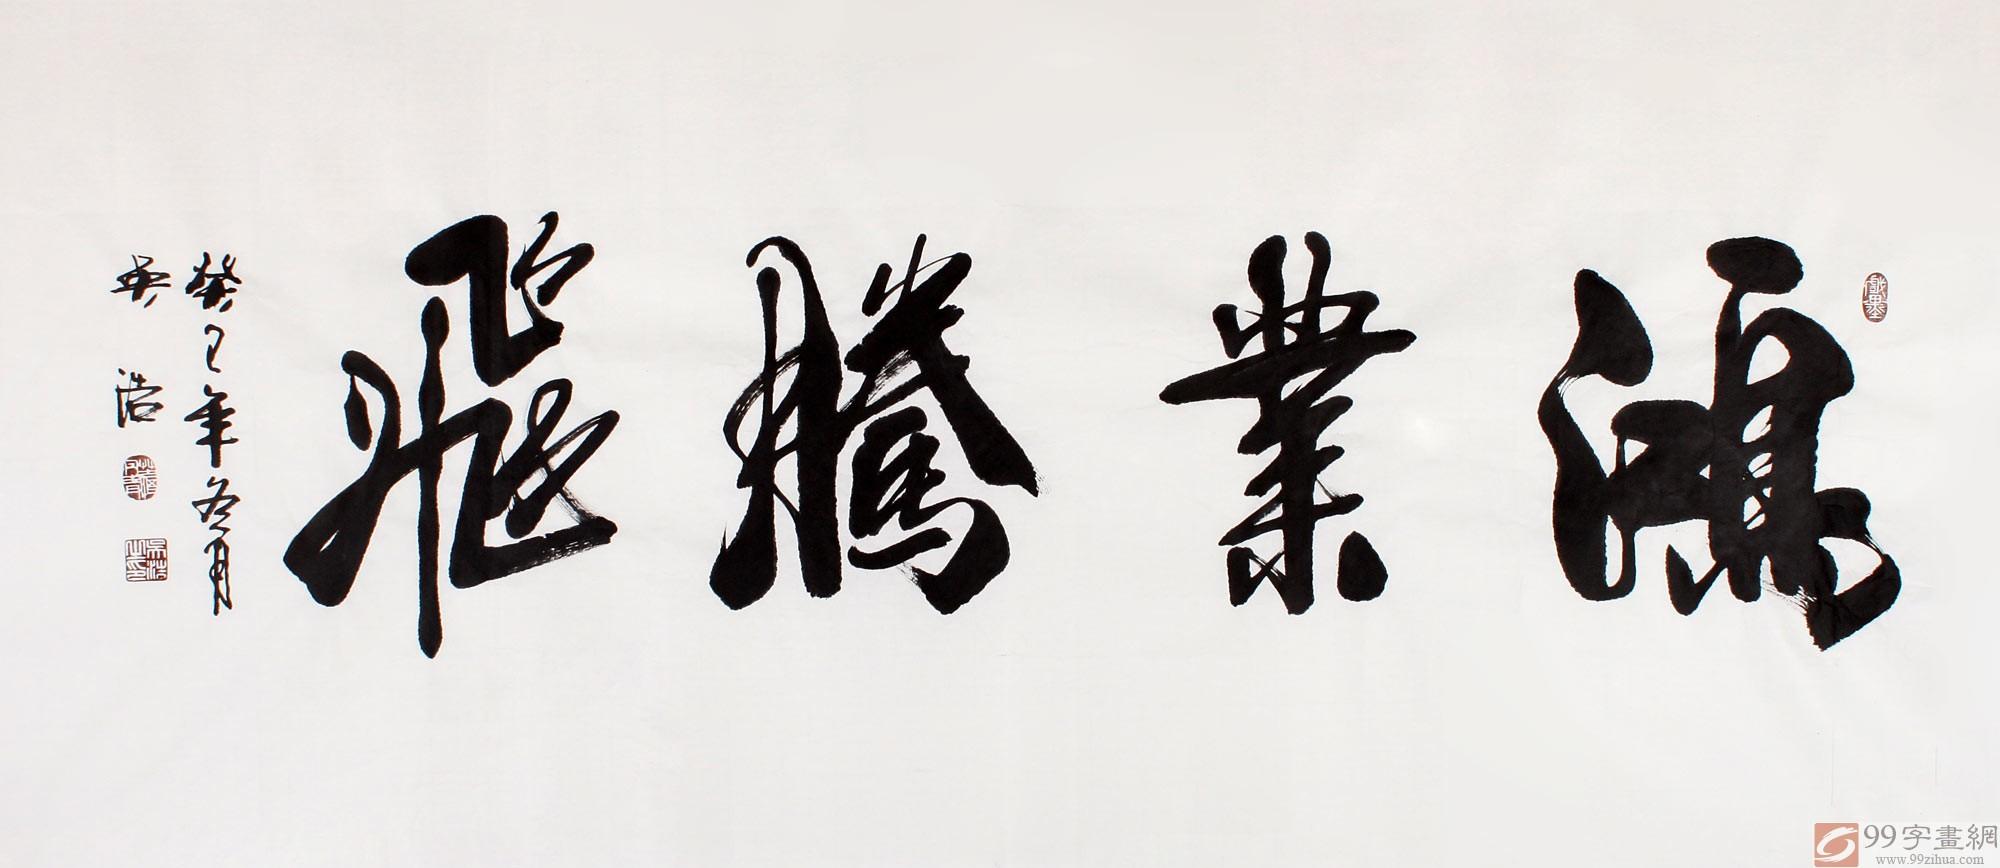 开业书法-安徽书协吴浩四尺 鸿业腾飞 行书